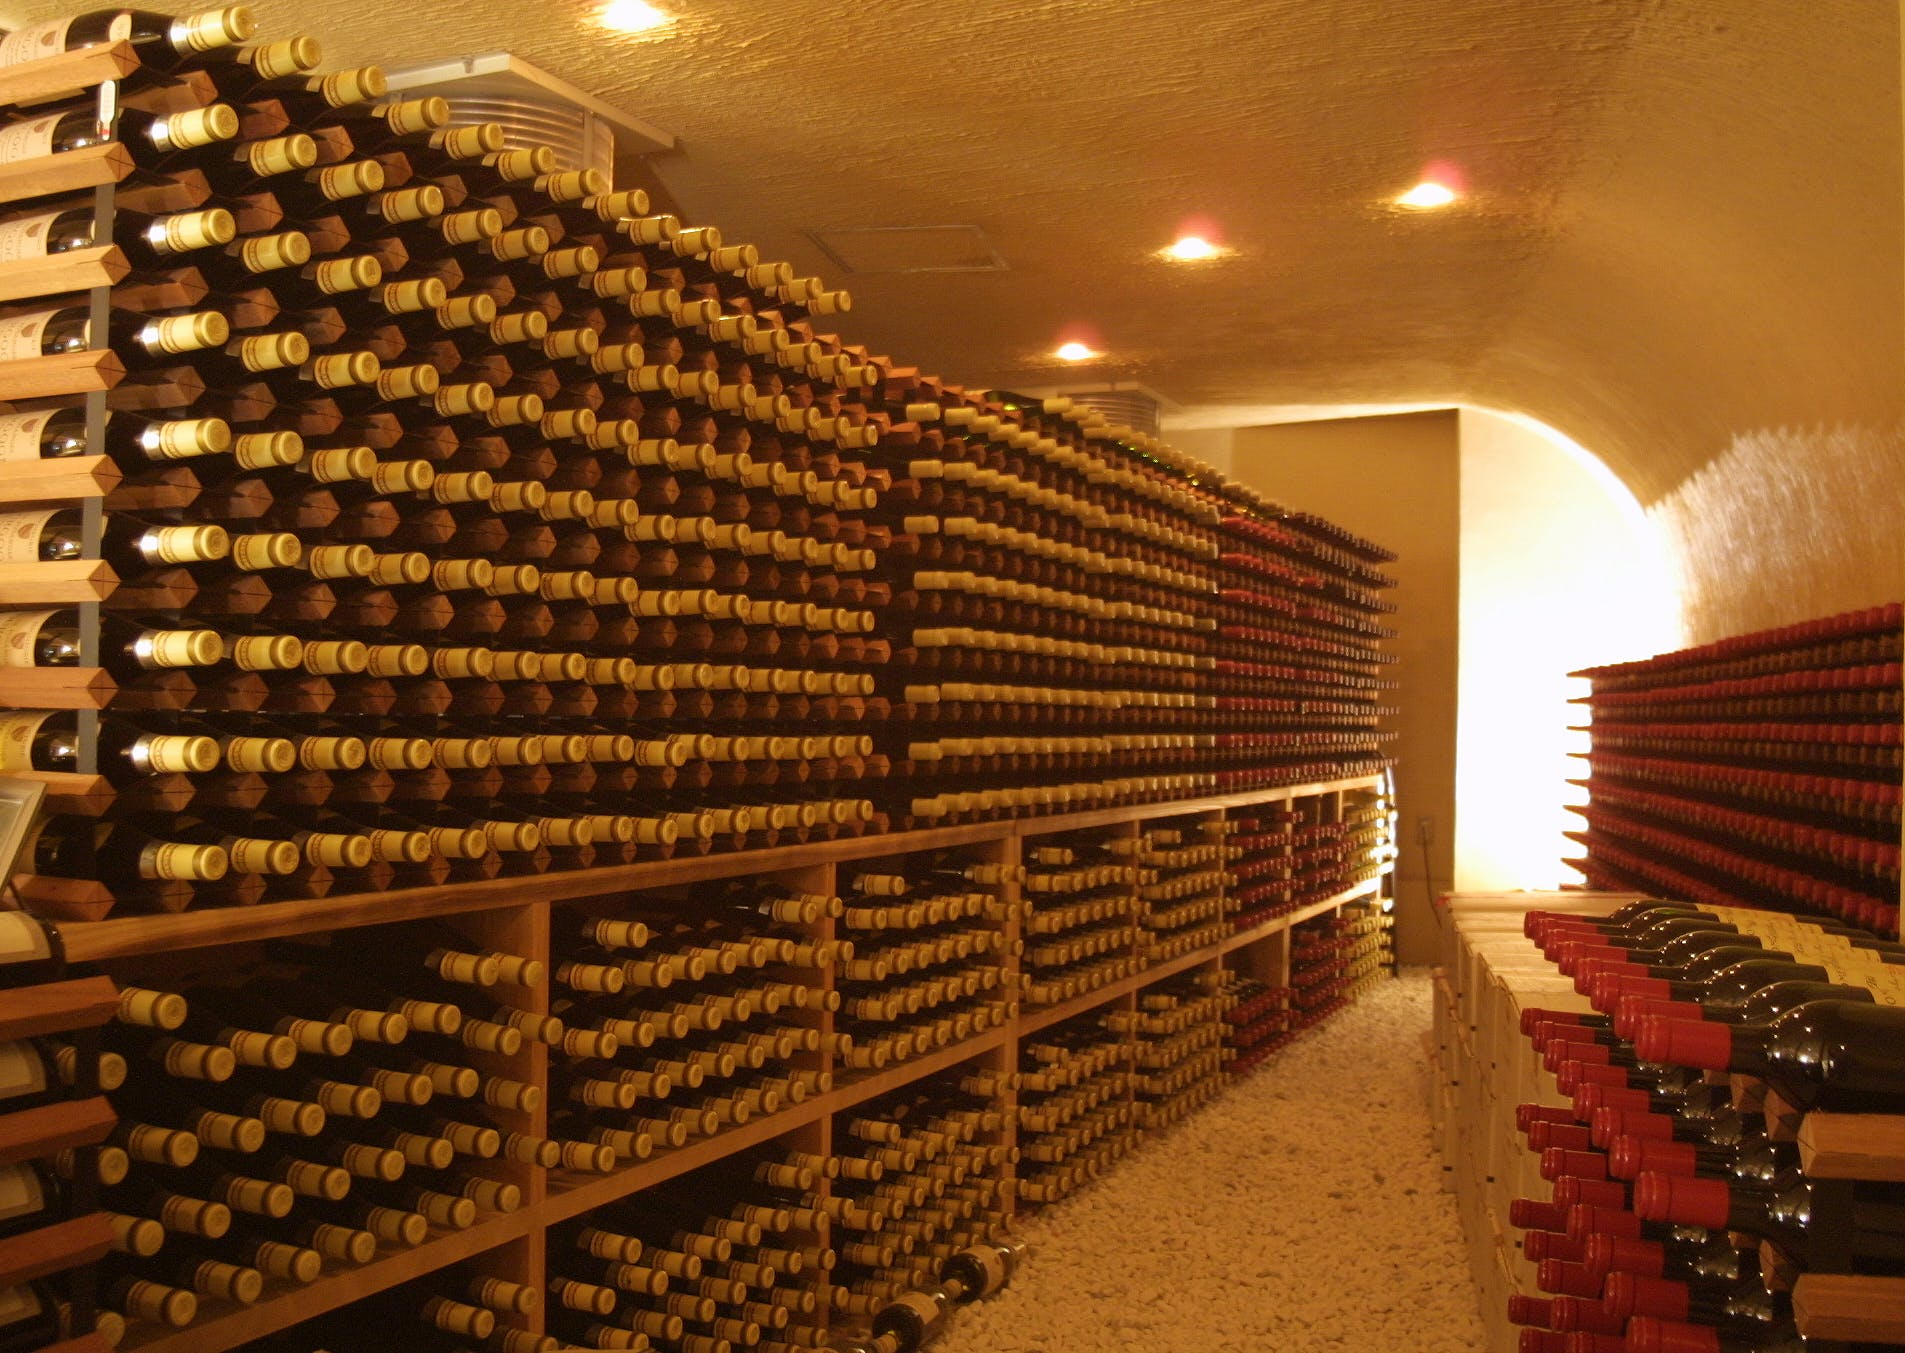 天橋立の絶景とワイン5万本の甘美に酔う